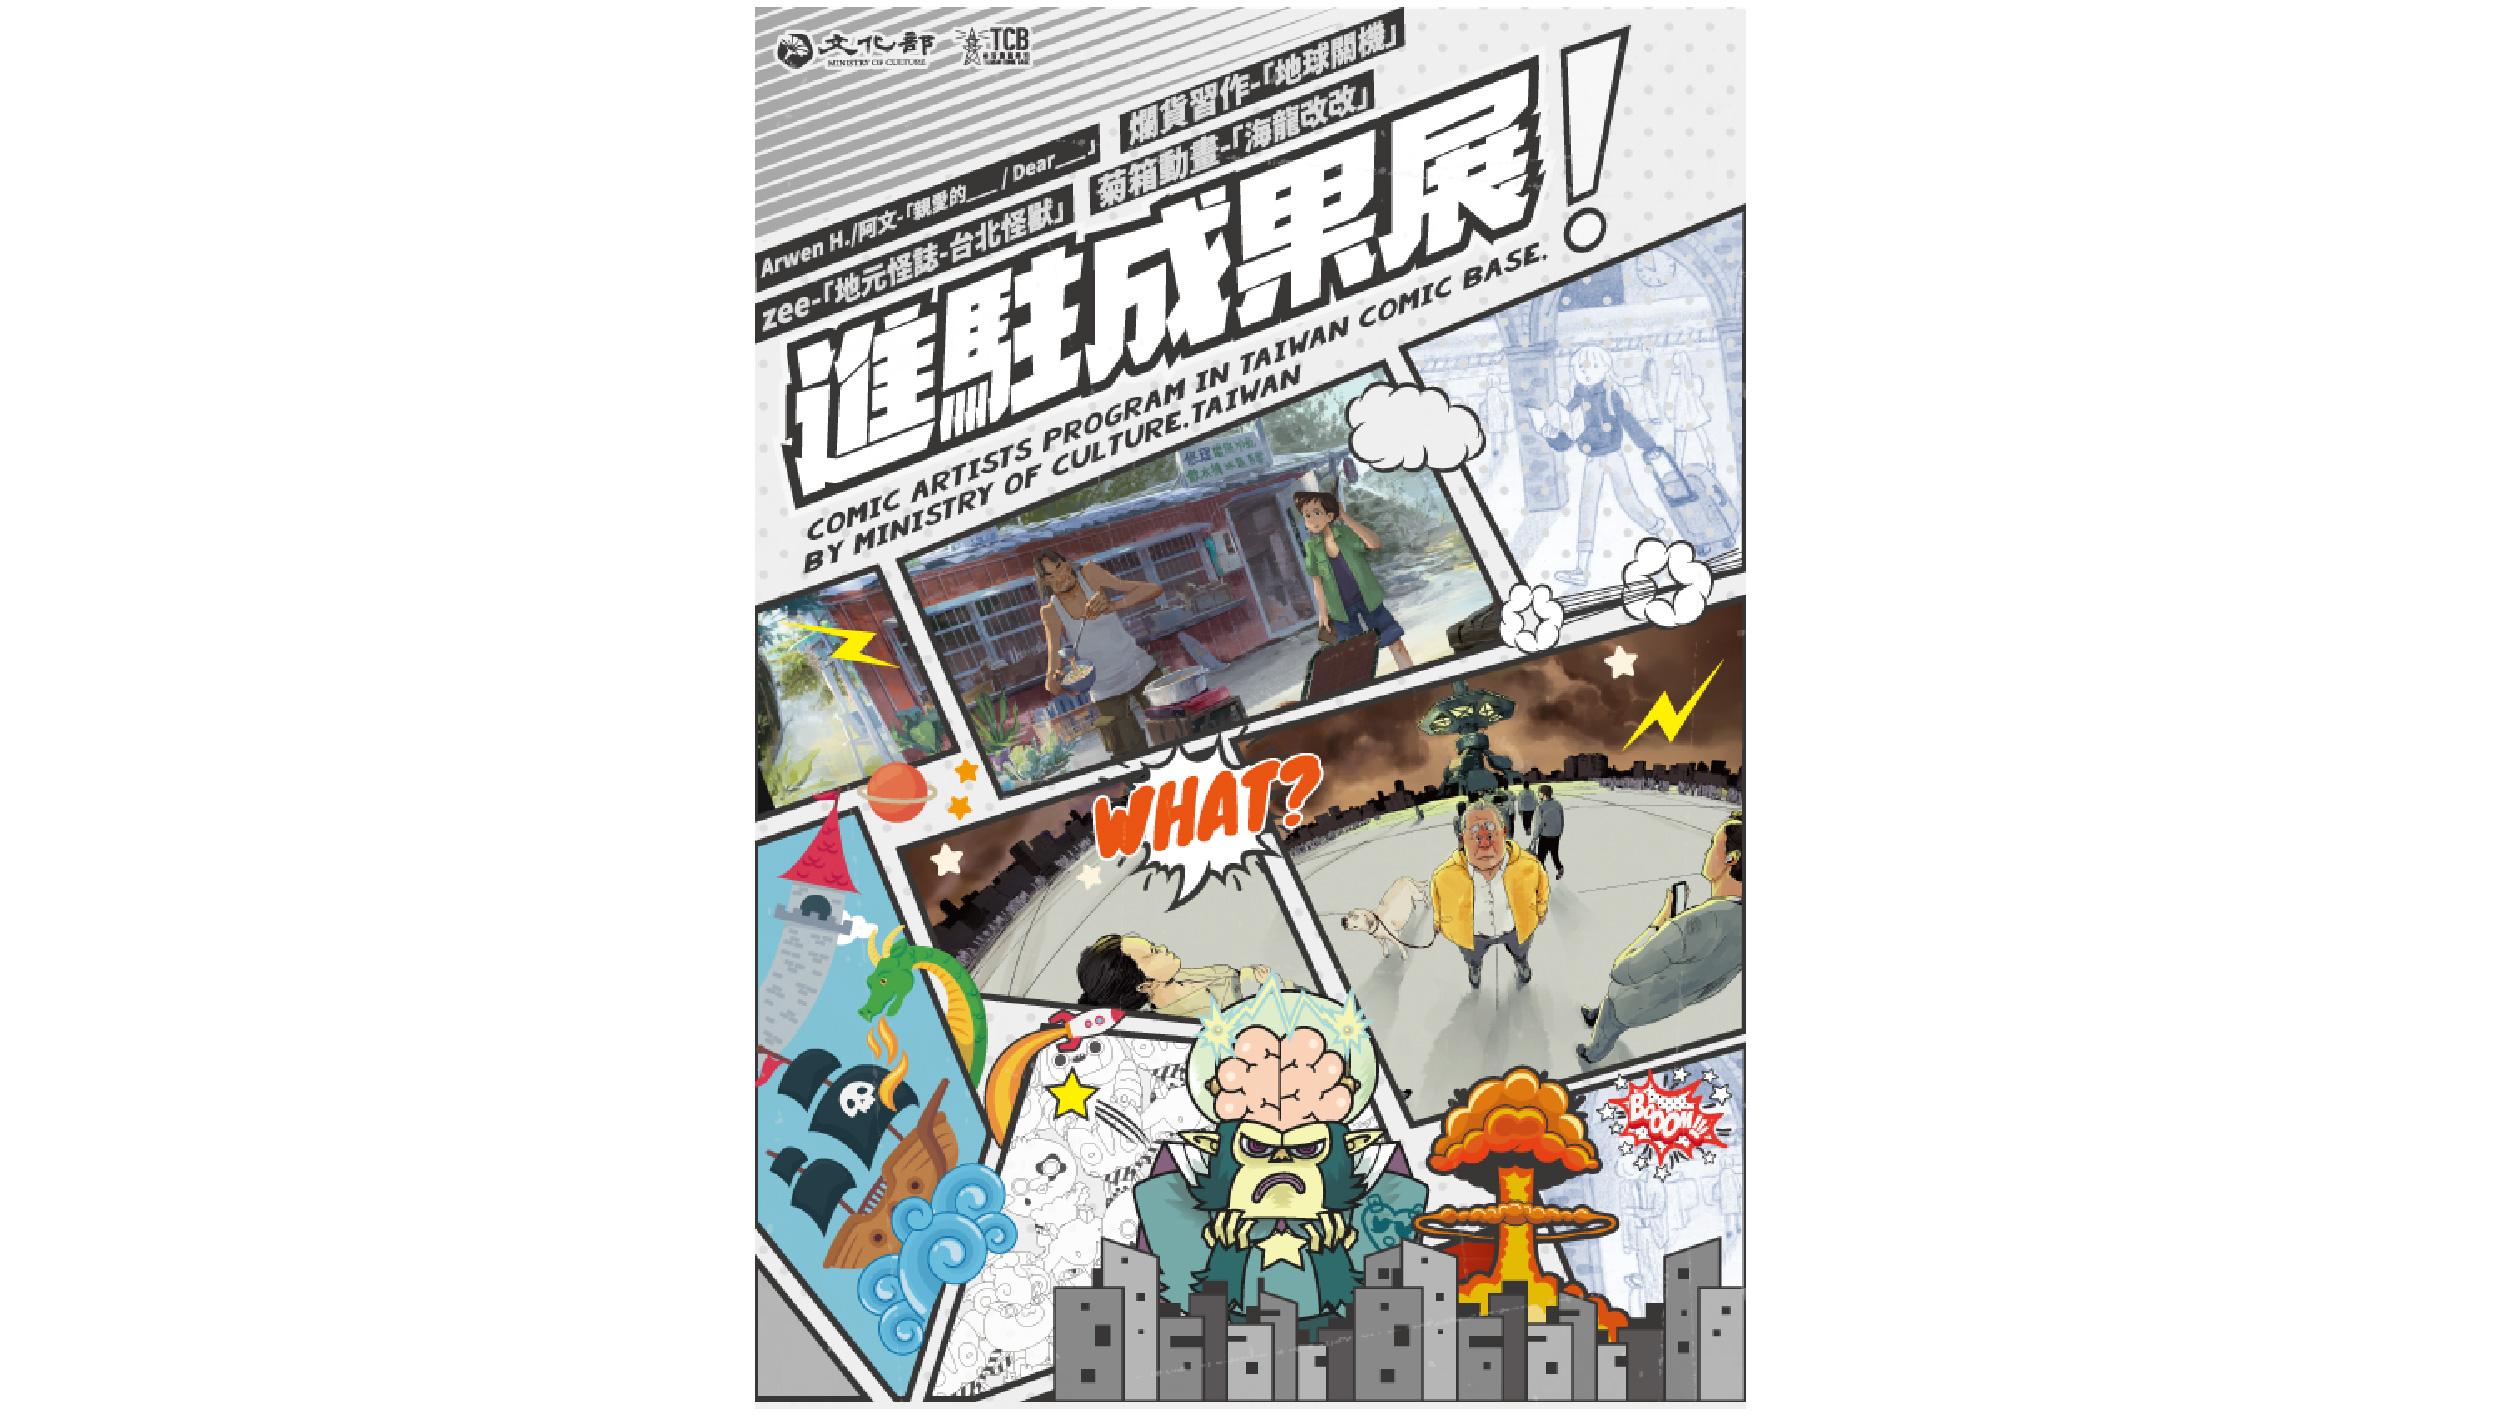 【基地特展】臺灣漫畫基地—108年度第二梯次進駐成果展